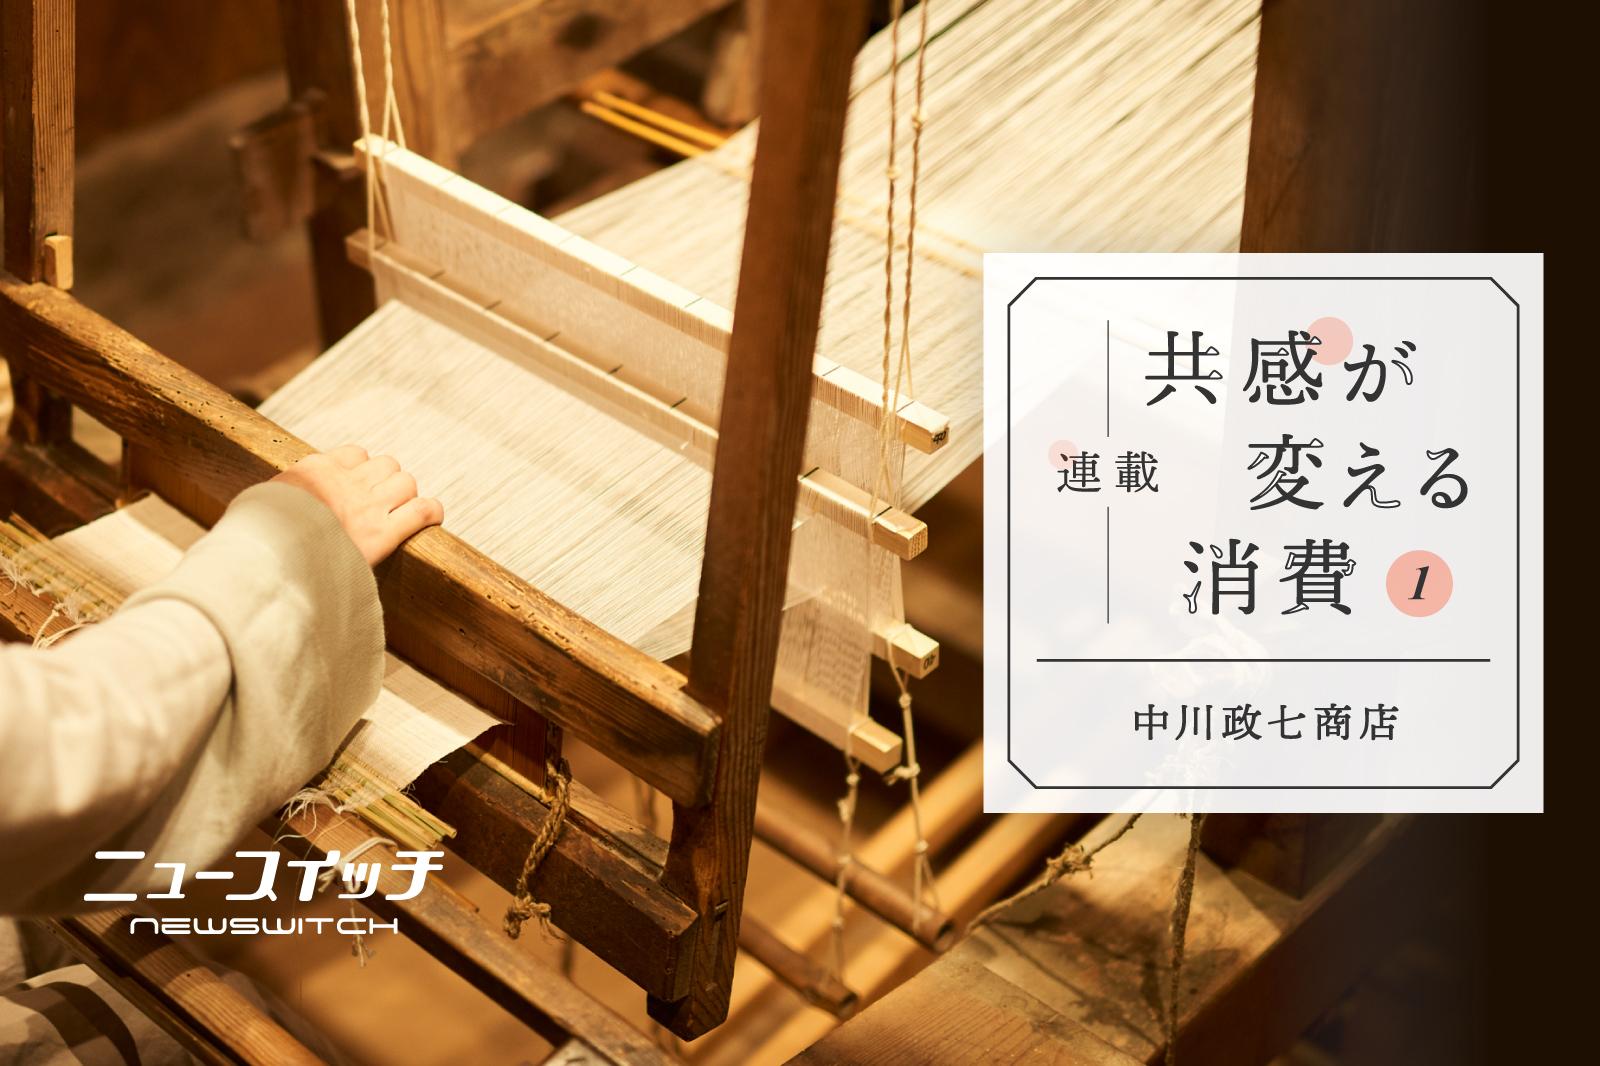 中川政七商店、押し付けない「良さ」の伝え方に学ぶ